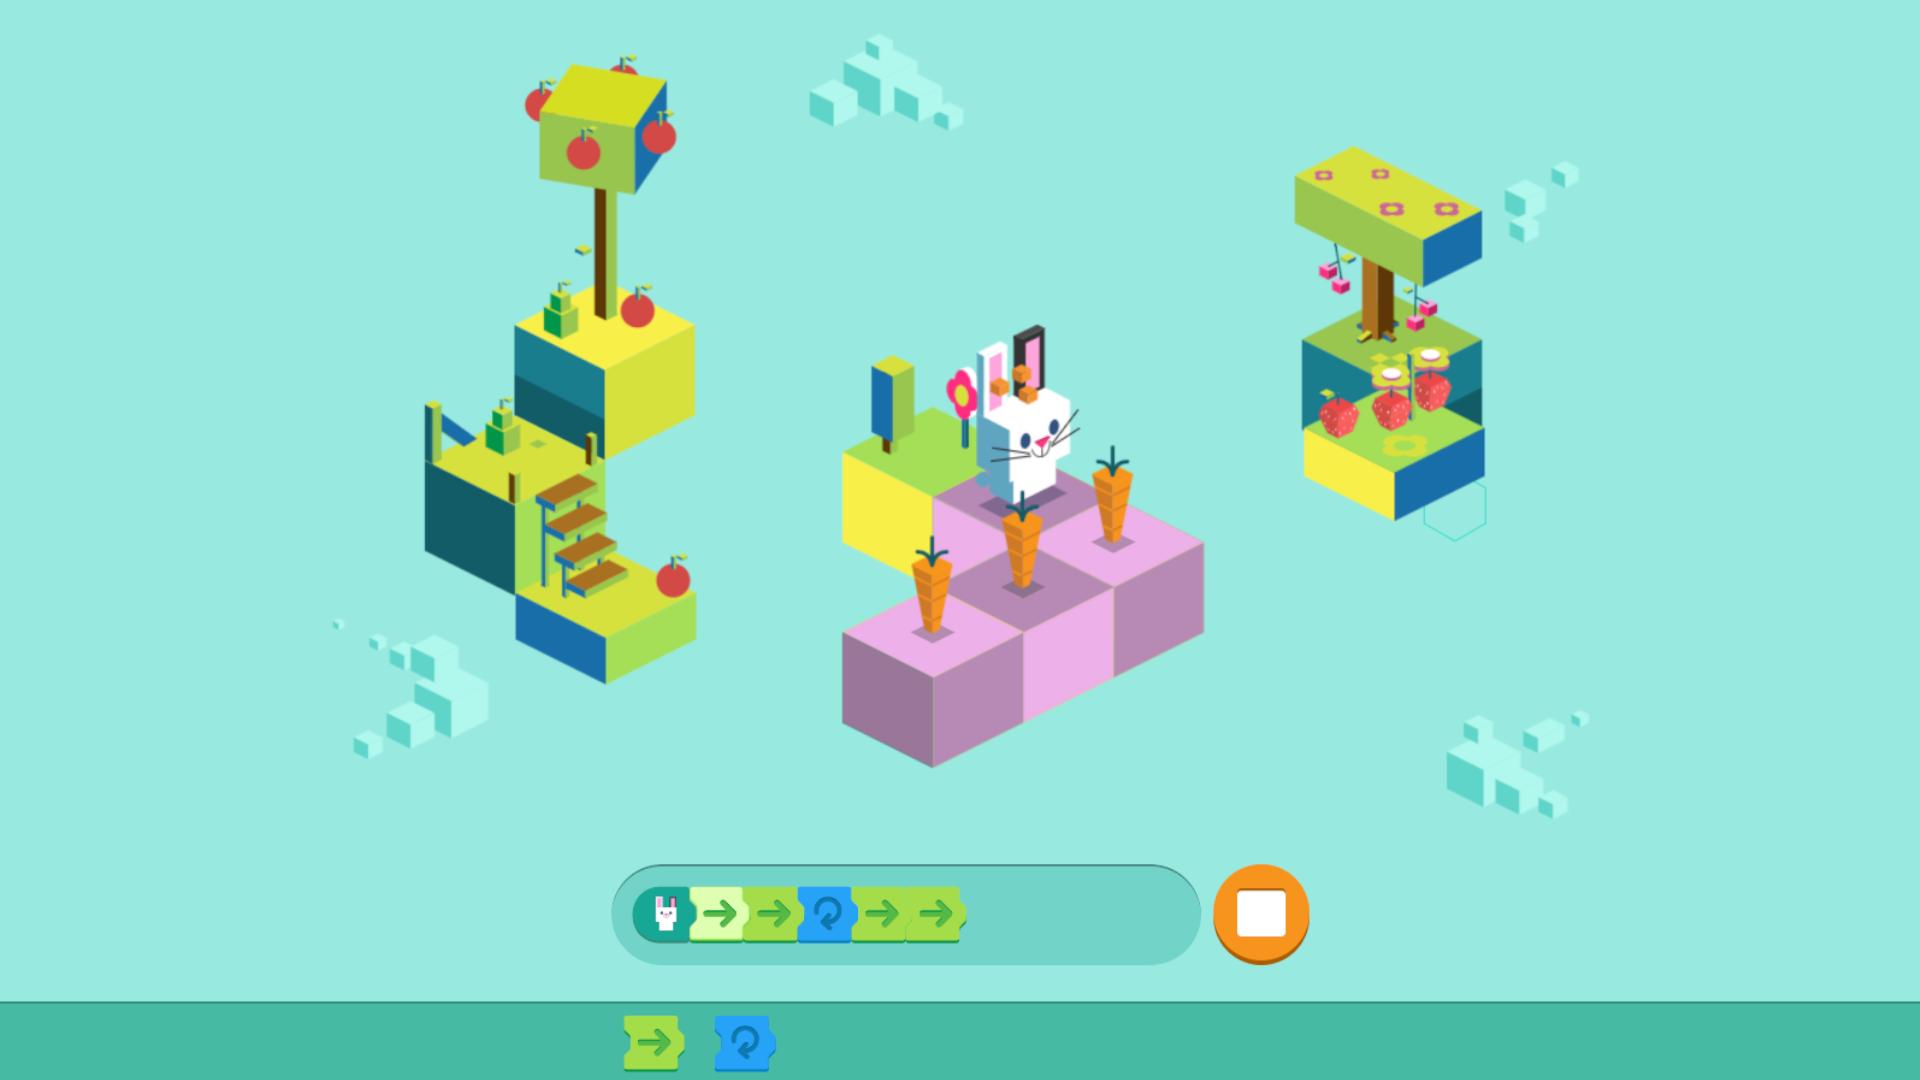 Google Doodle mostra que aprender linguagens de programação pode ser brincadeira de criança (Fonte: Google Doodle)